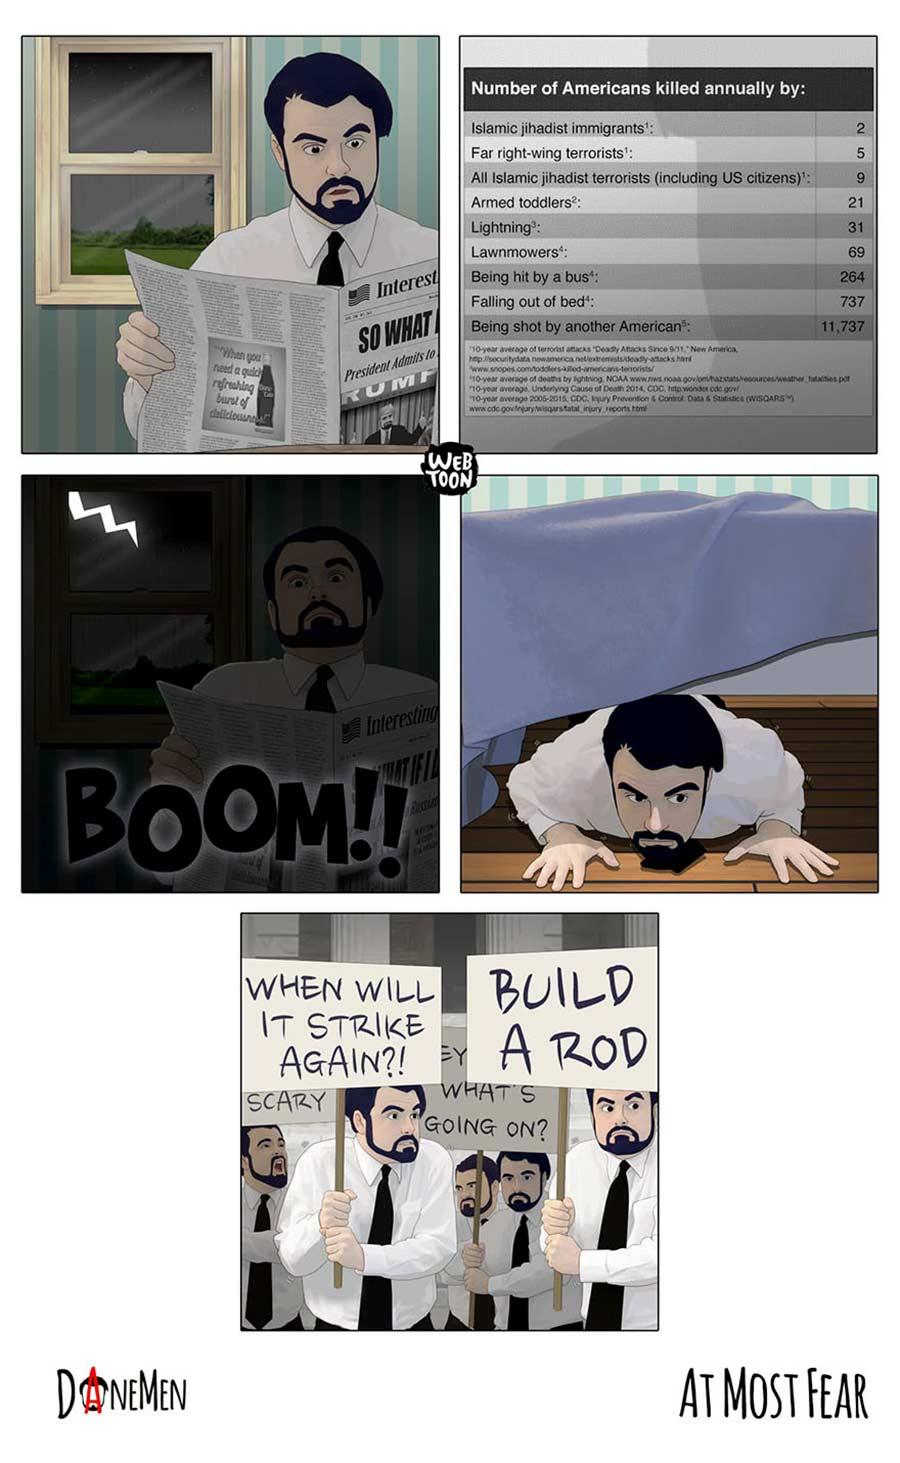 Sarkastische Webcomics von David Daneman The-Daneman_05